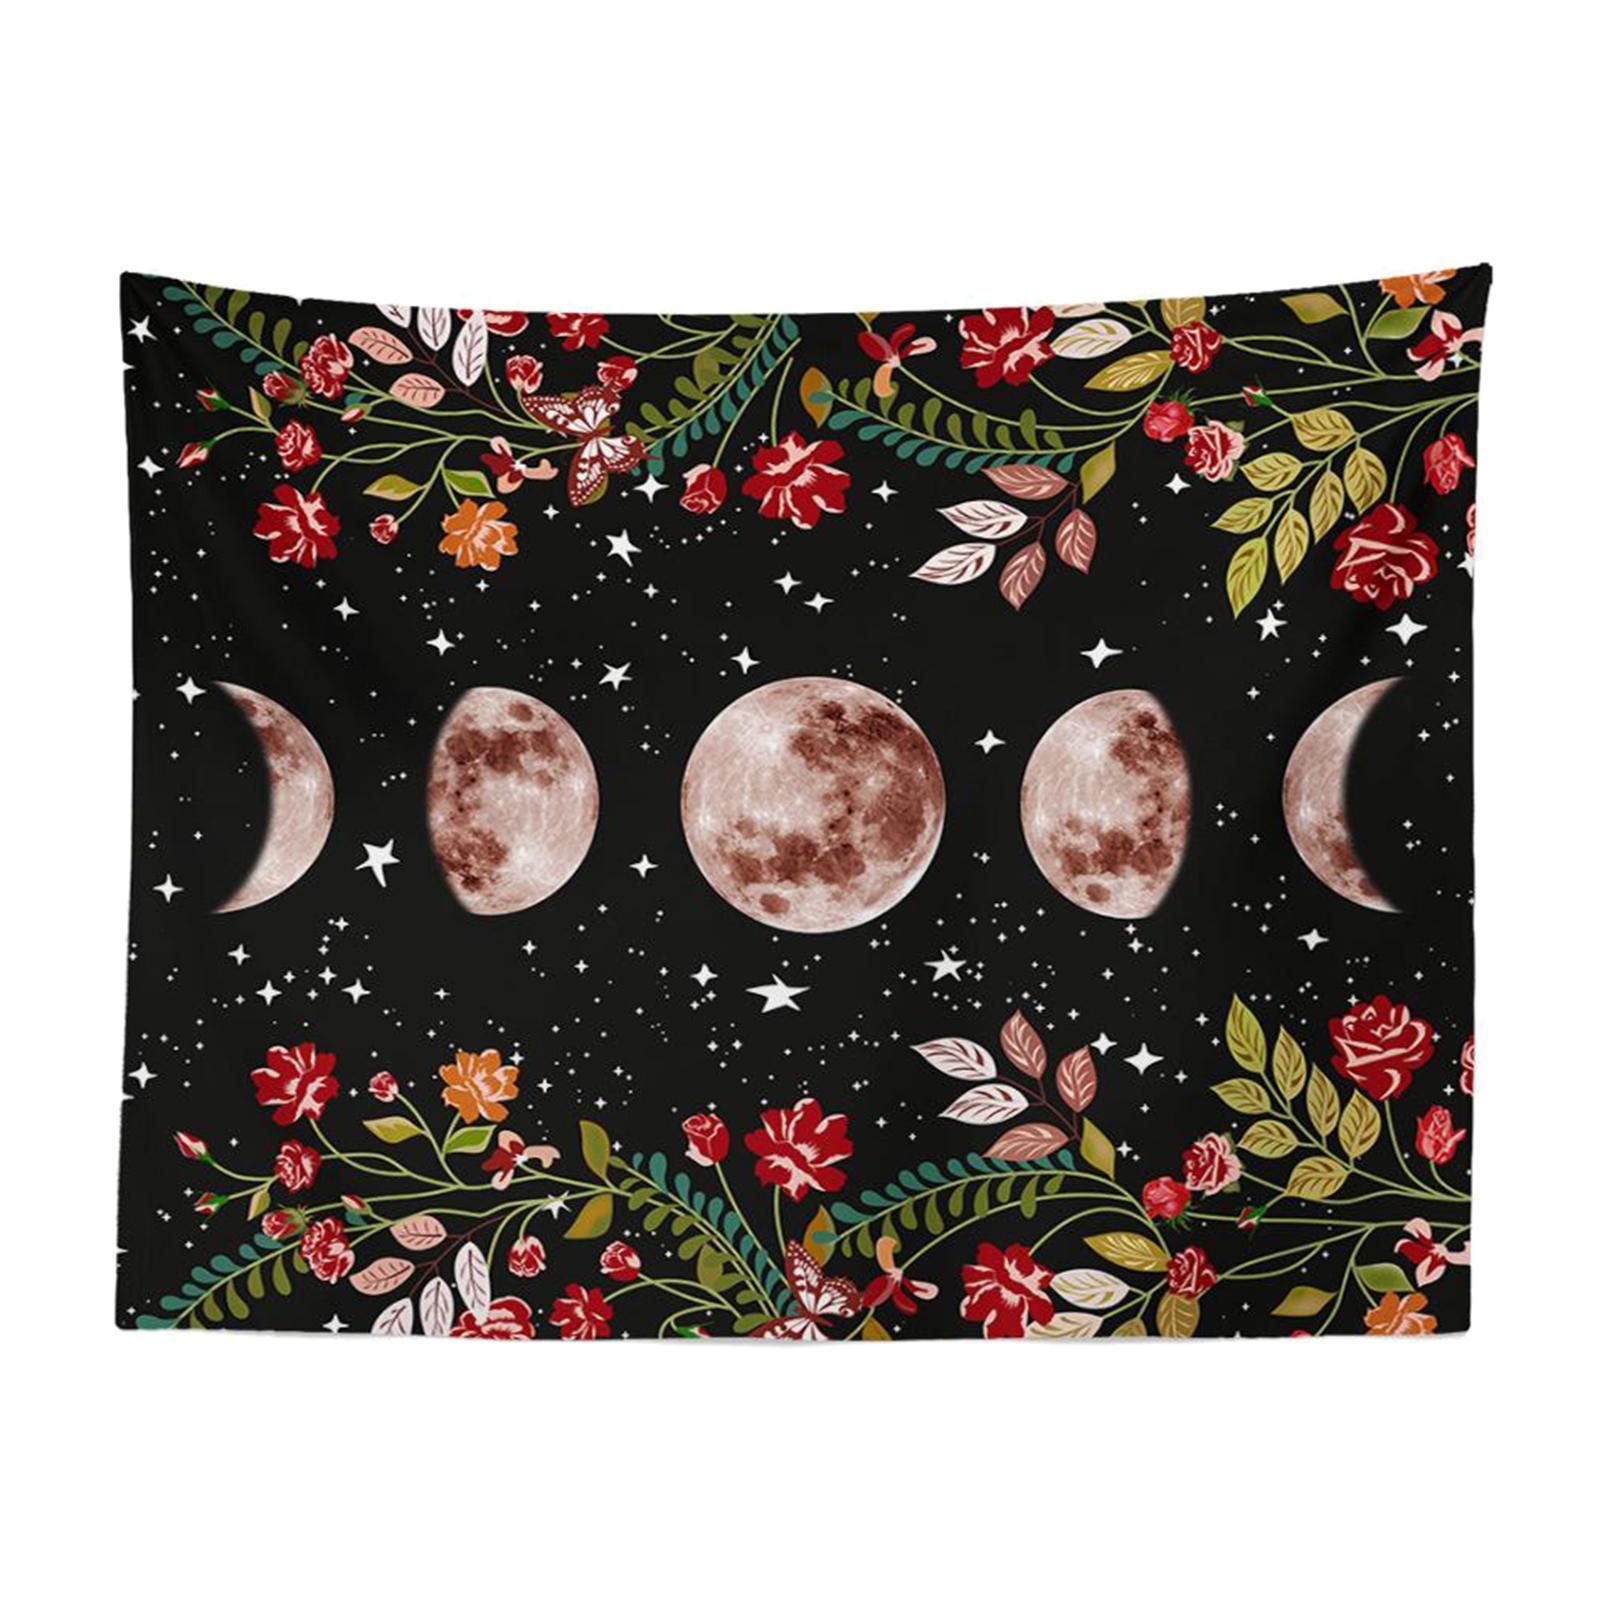 Arazzo-da-giardino-Moon-Star-Arazzi-Fiore-Vine-Arazzo-da-parete-Sfondo-nero miniatura 6